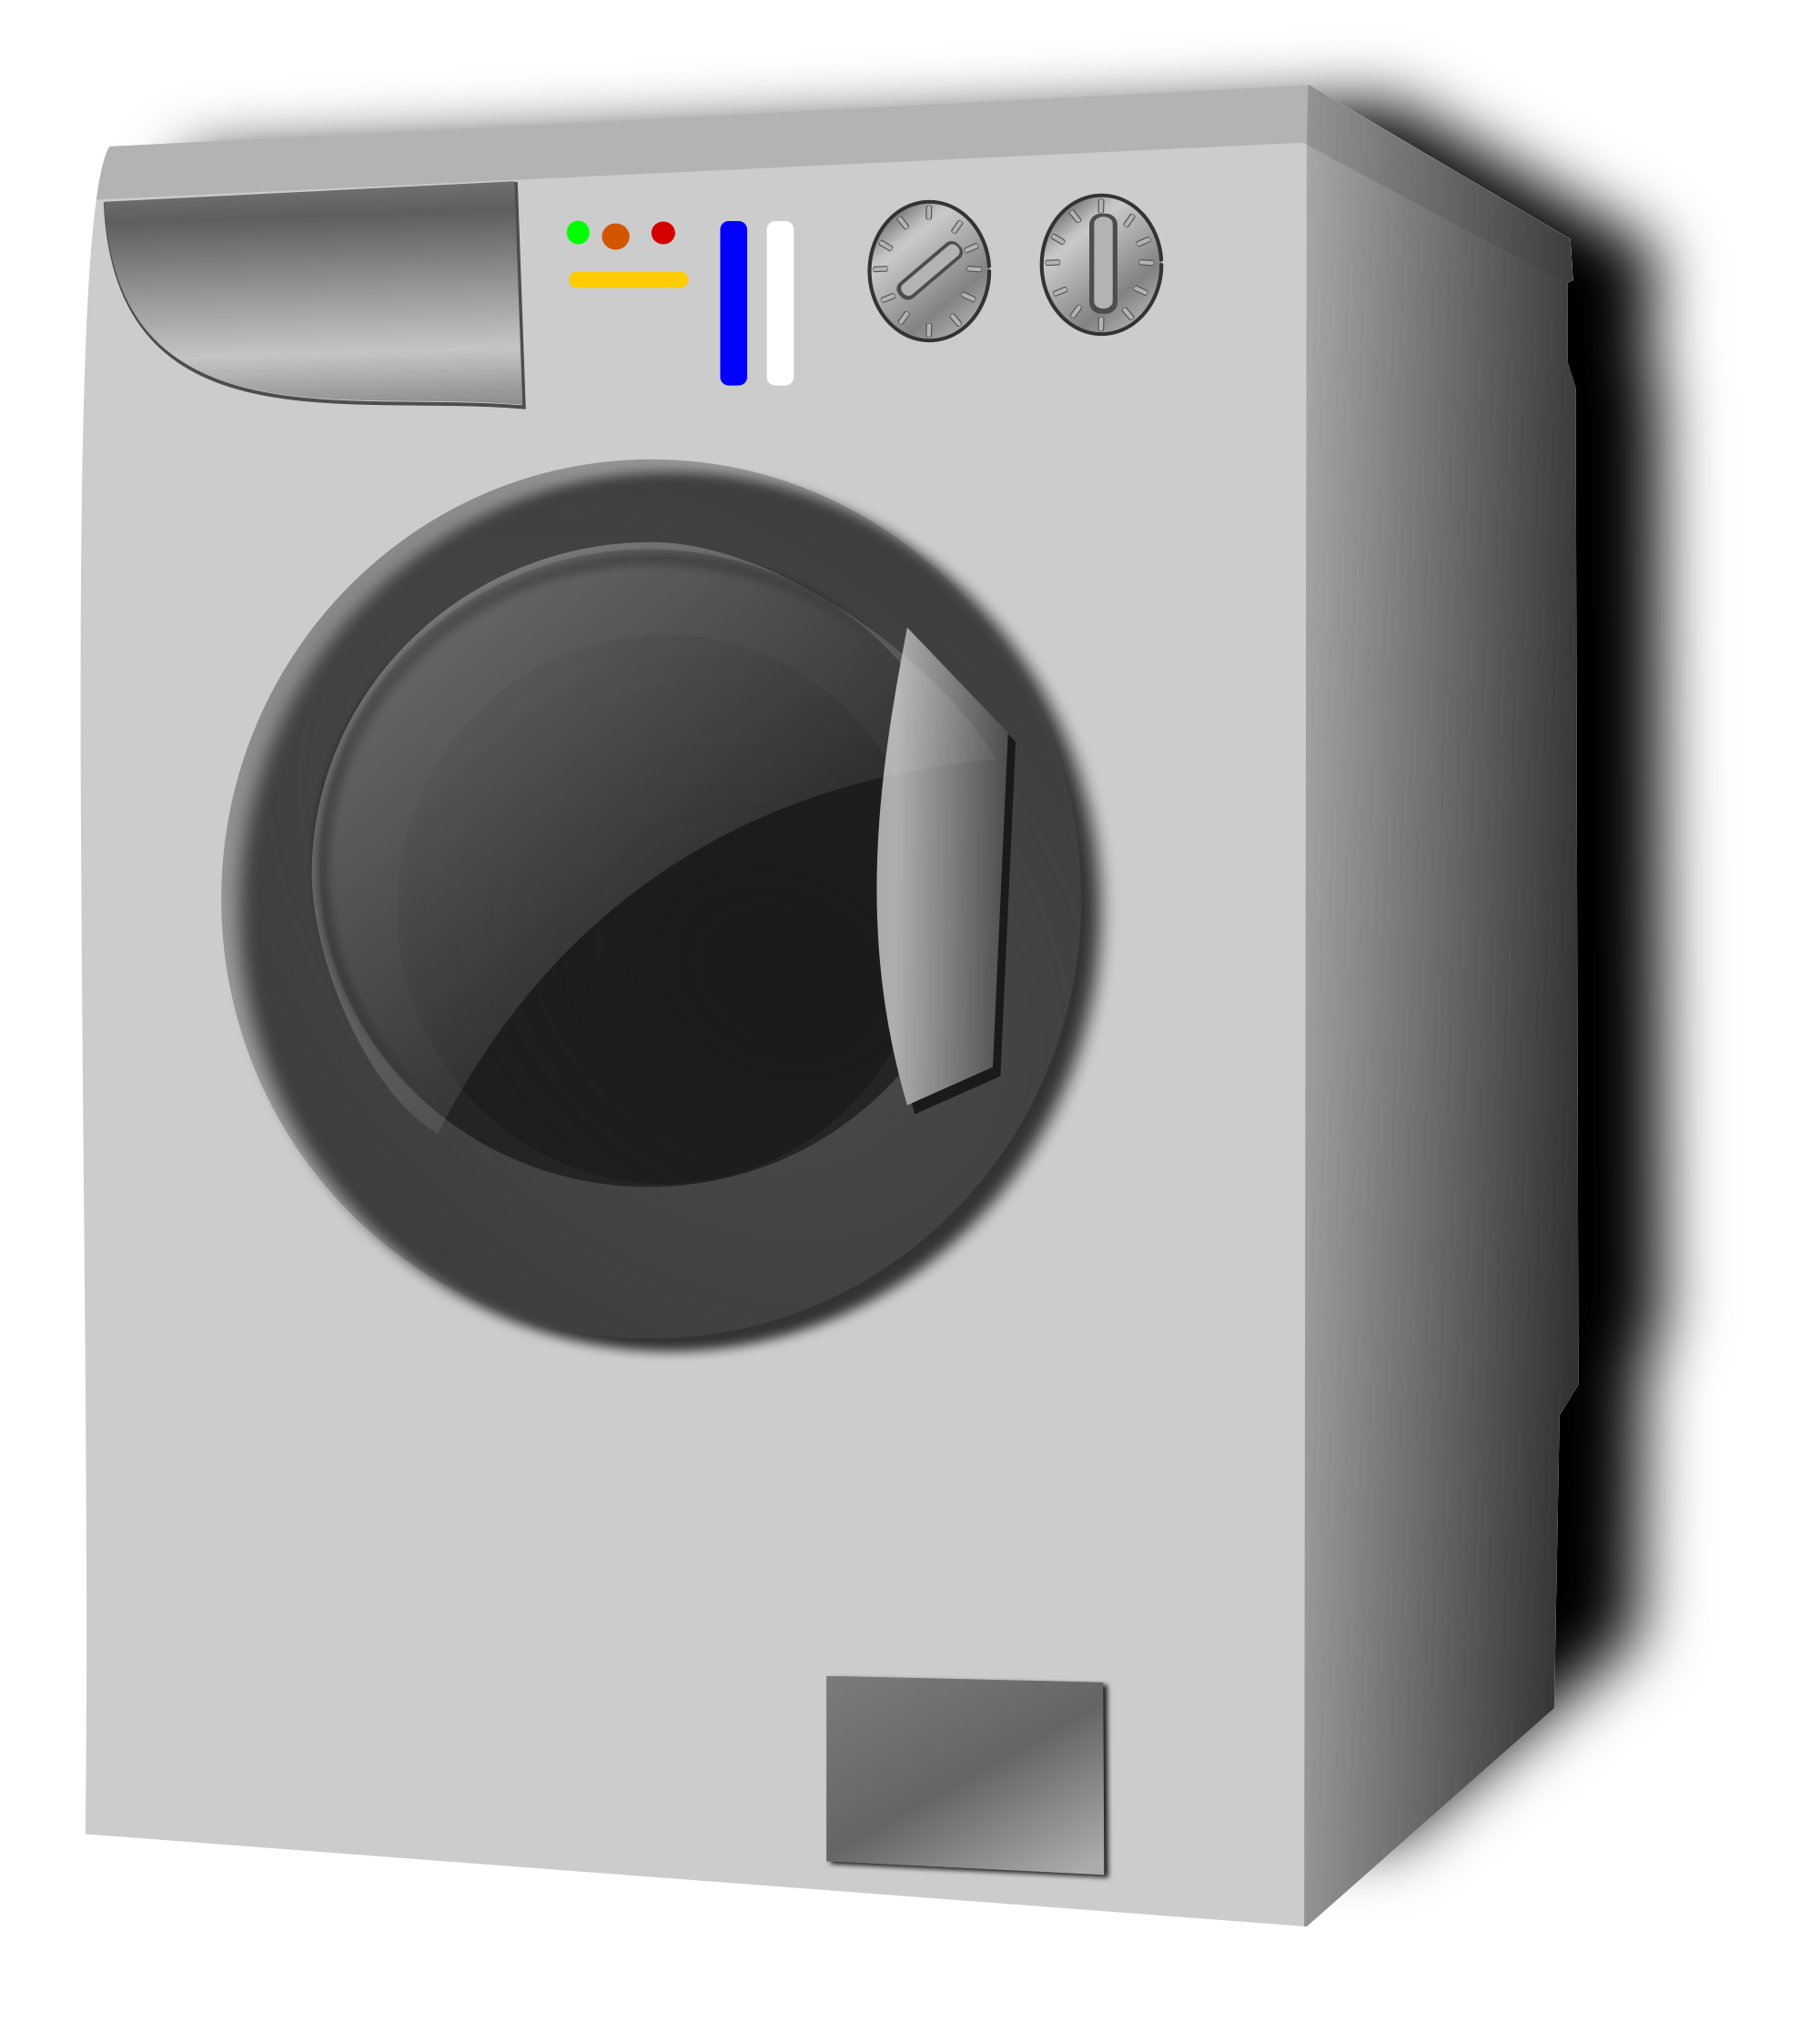 dishwasher clipart dish washer